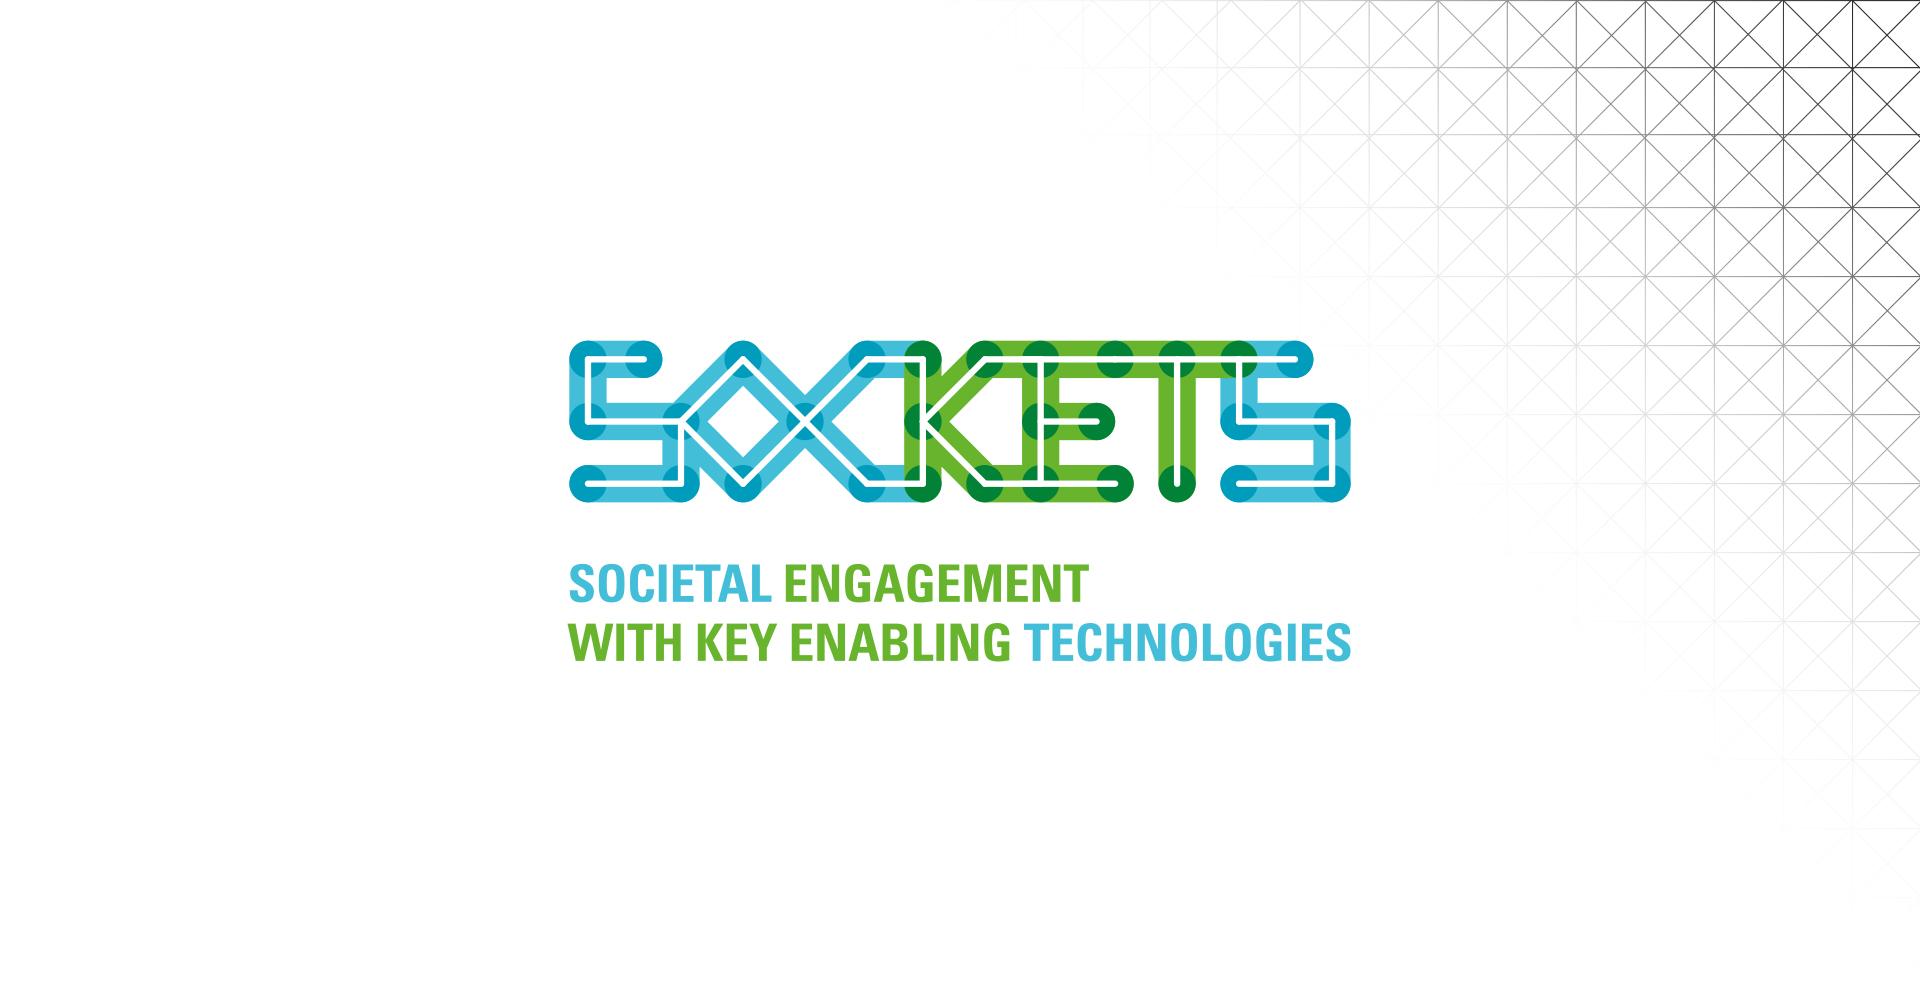 Sockets_Base_01